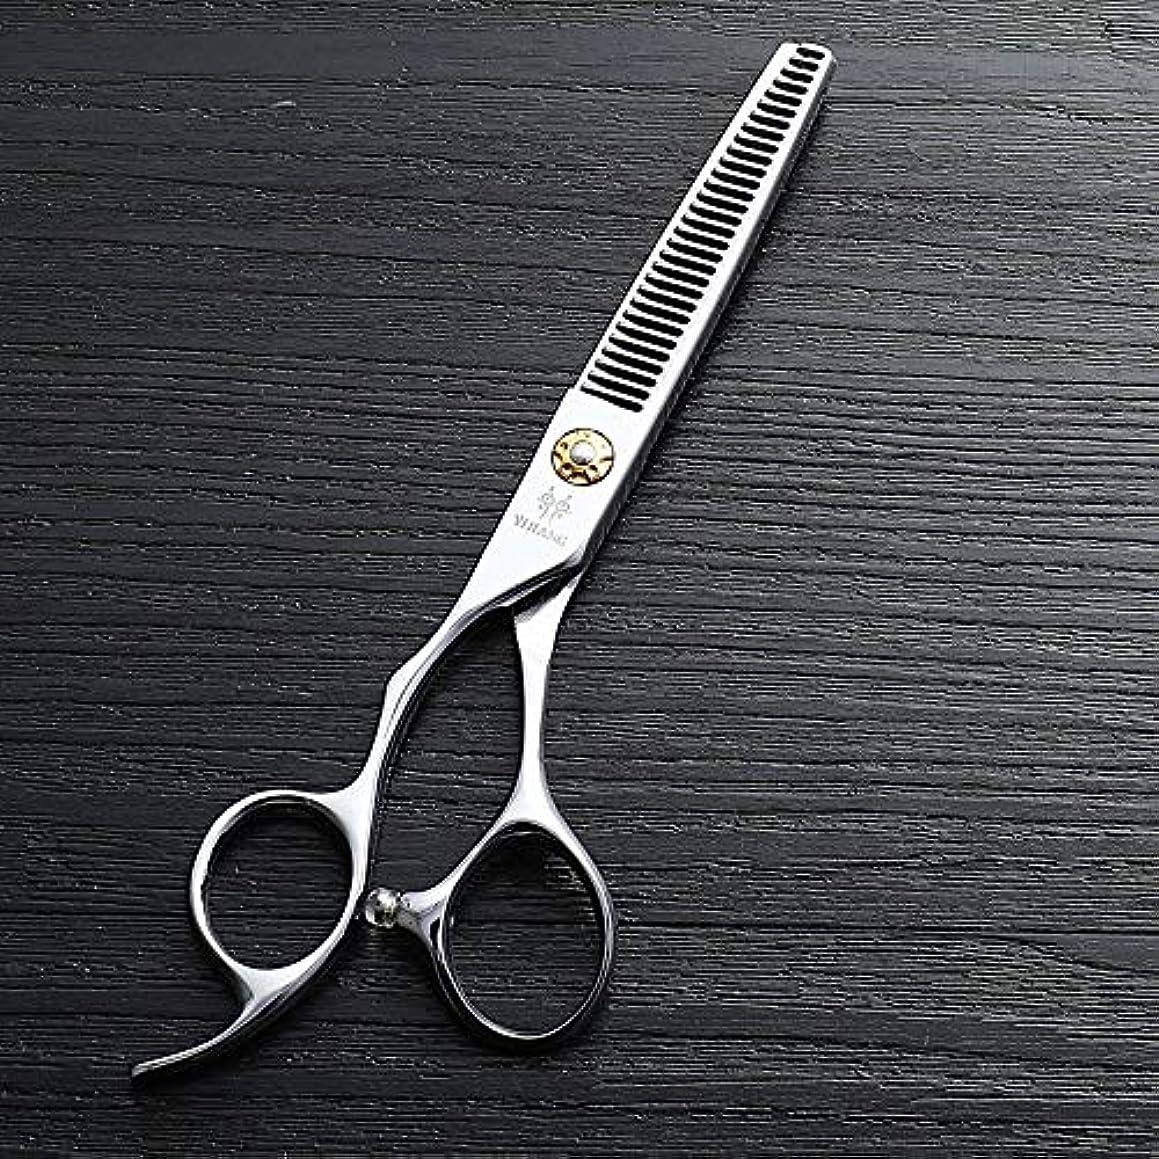 対処億リングバック6インチ美容院プロのヘアカットハイエンド左手歯はさみ、440 cステンレス鋼理髪ツール モデリングツール (色 : Silver)